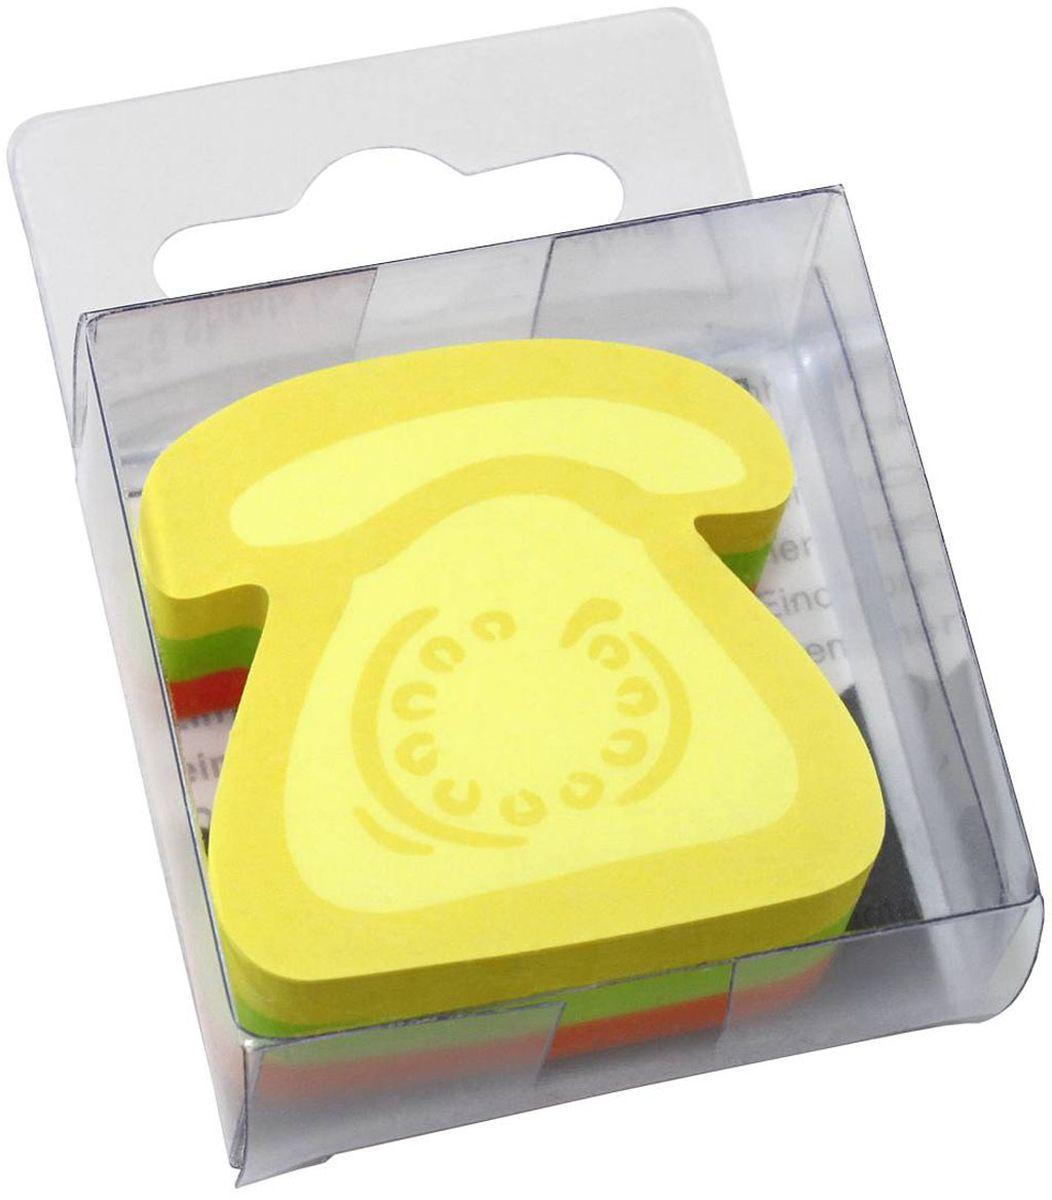 Global Notes Бумага для заметок с липким слоем Телефон 5 х 5 см 225 листов berlingo бумага для заметок с липким краем 7 6 х 5 1 см цвет голубой 100 листов